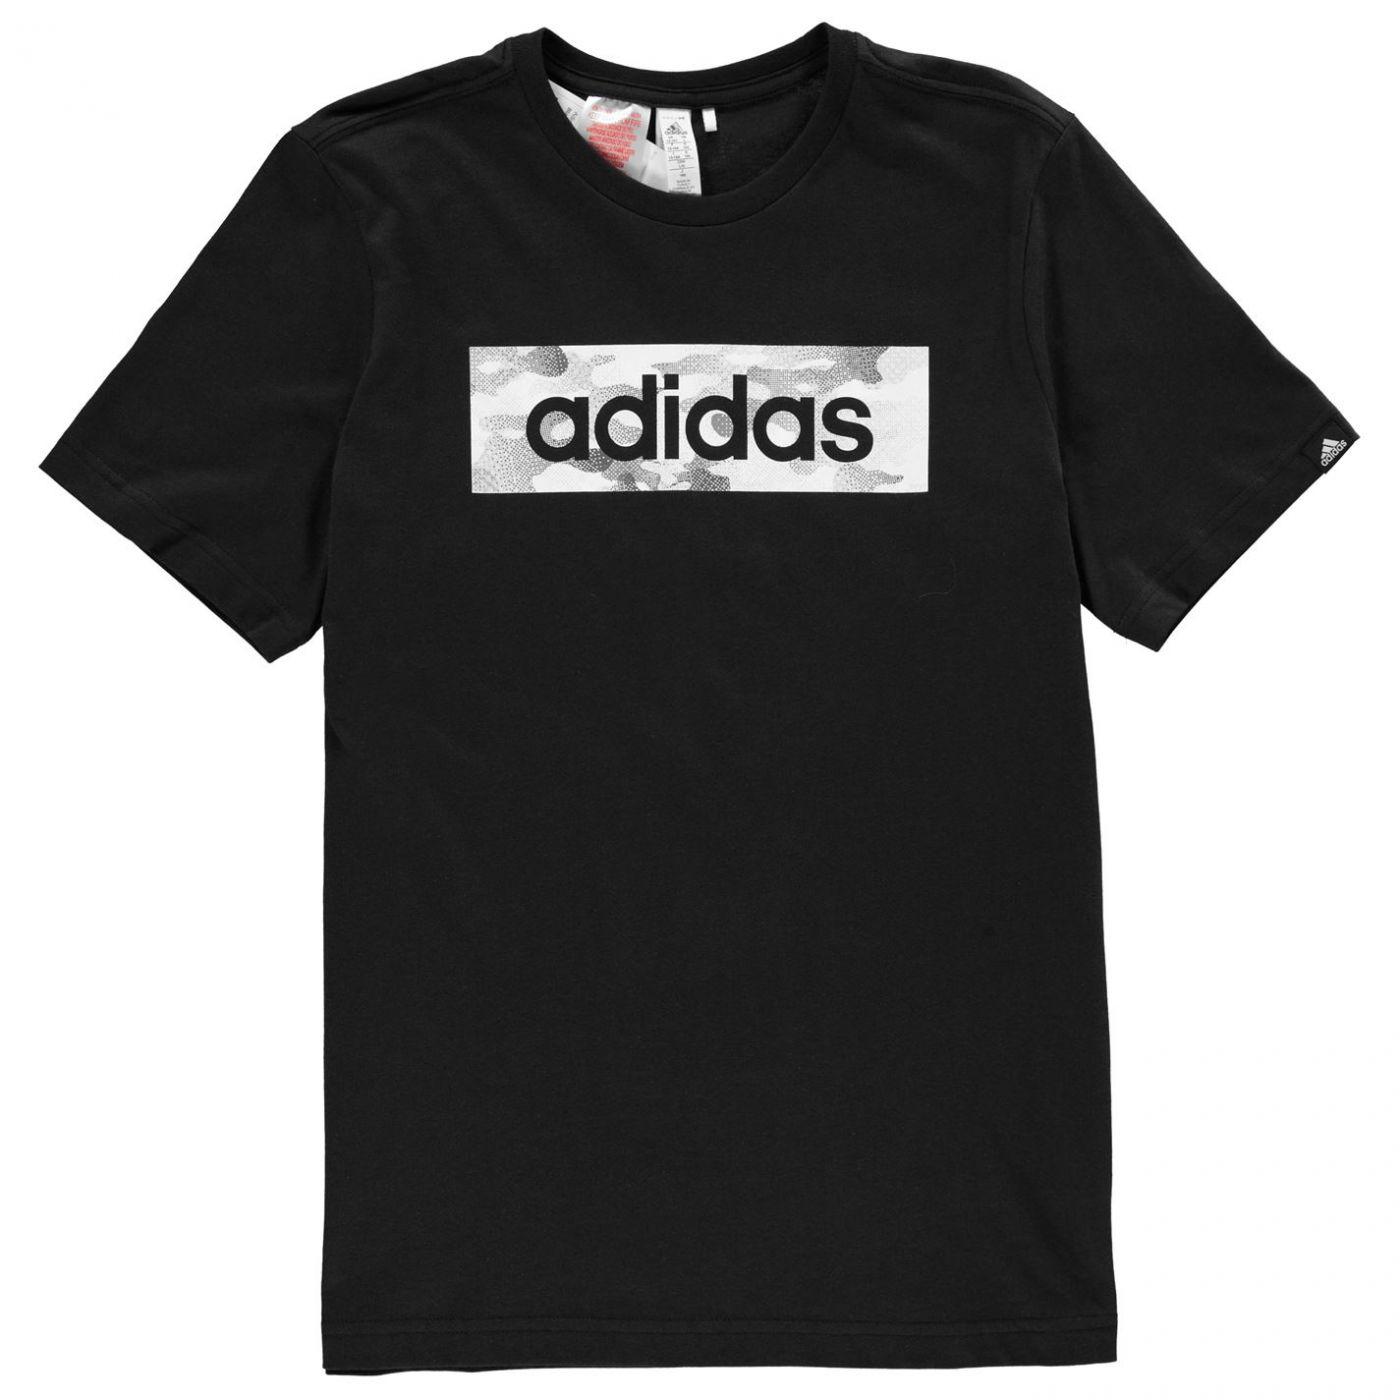 Adidas Camo Linea T Shirt Junior